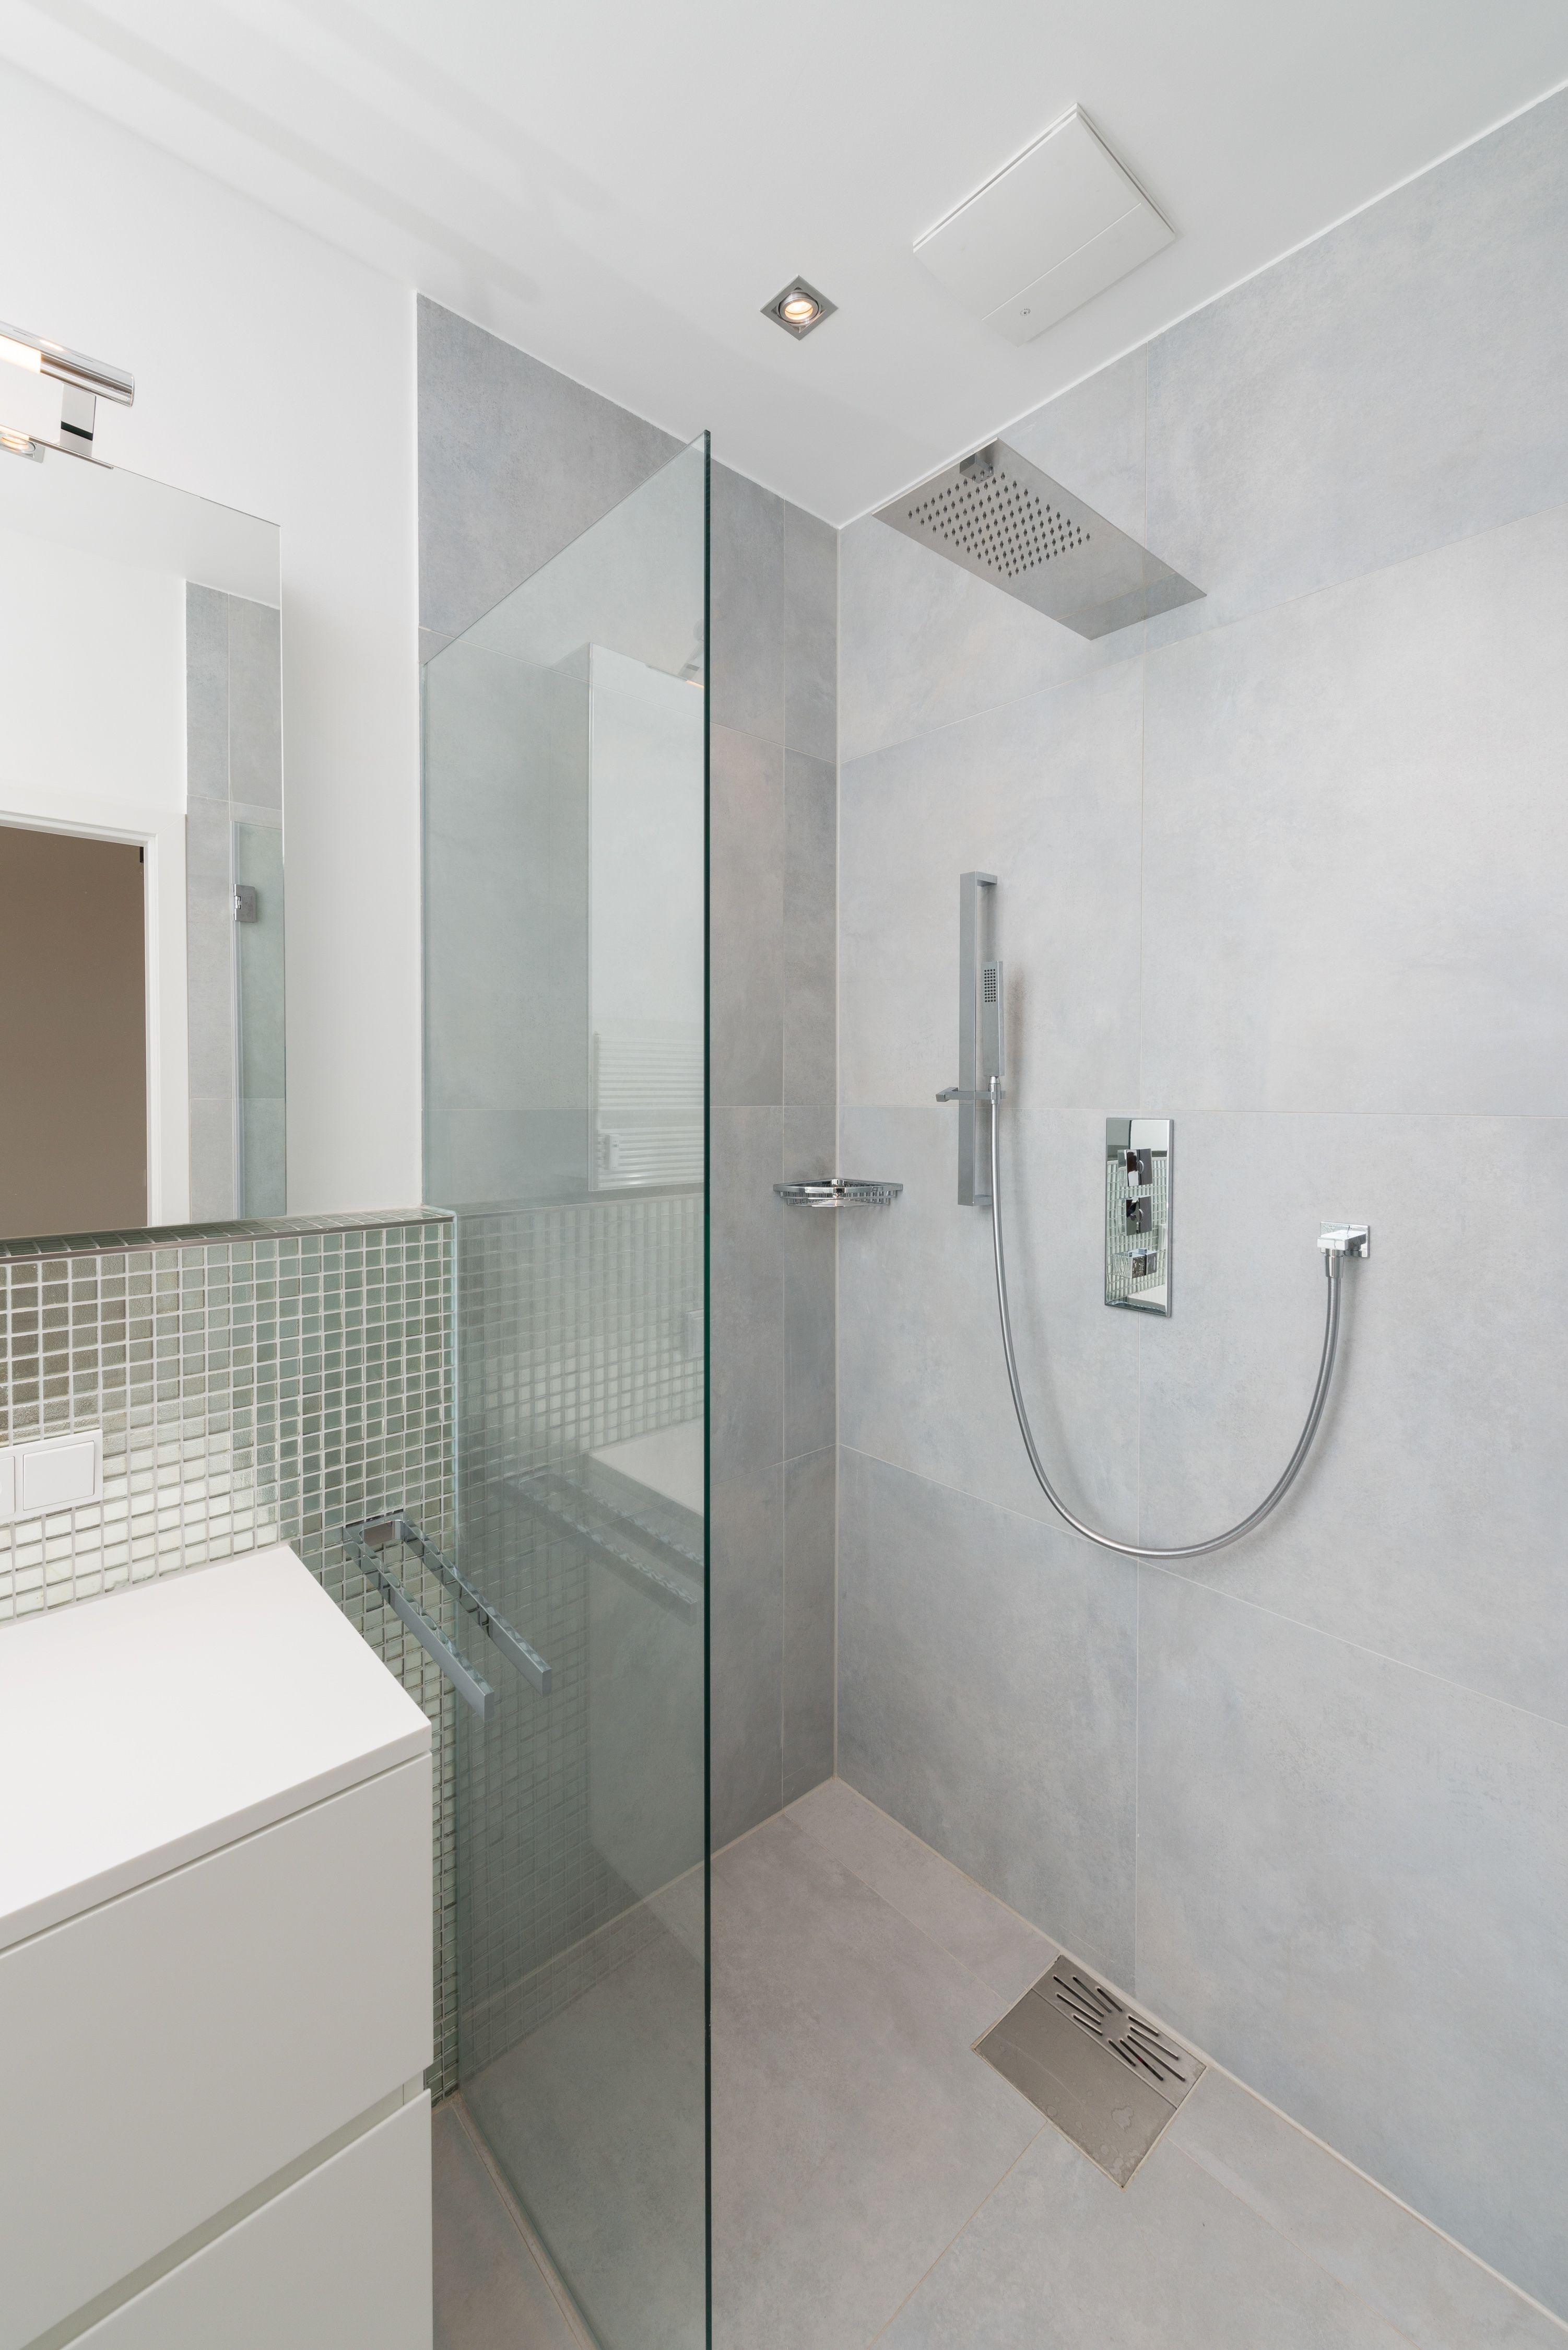 Fliesen Hellgrau Und Glasmosaik Silber Betonoptik Badfliesen Modern Badezimmer Fliesen Badgestaltung